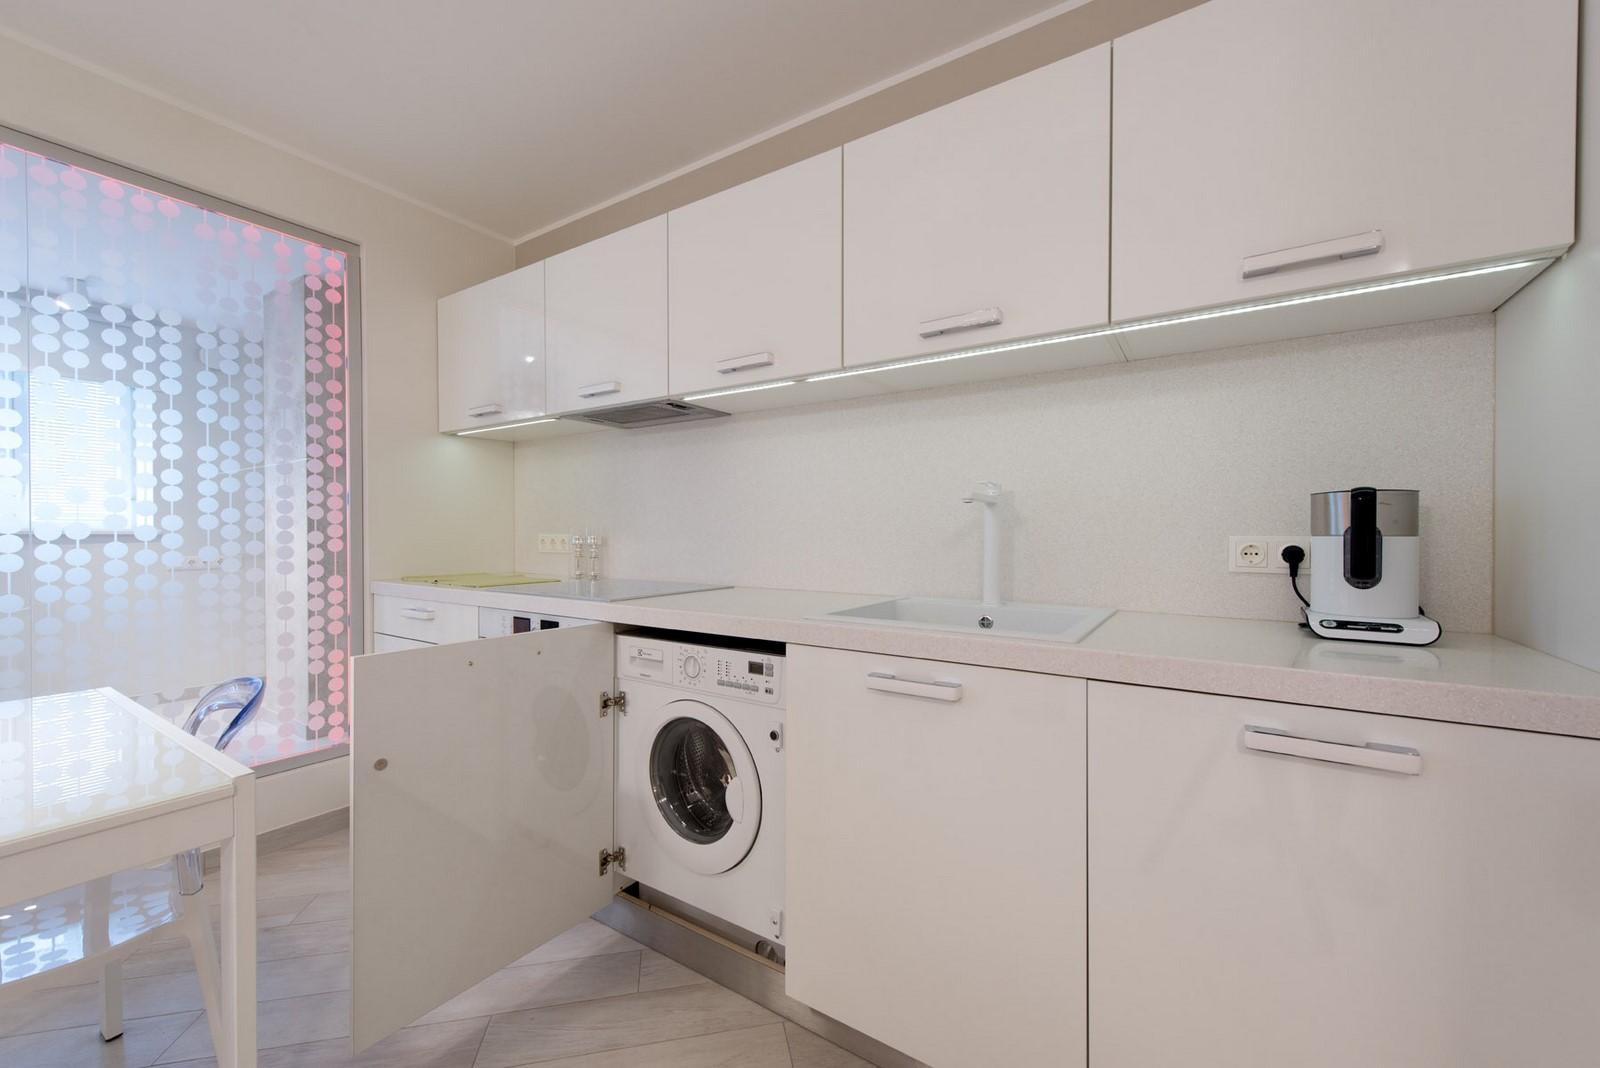 Кухонная мебель. Квартира в Таллинне